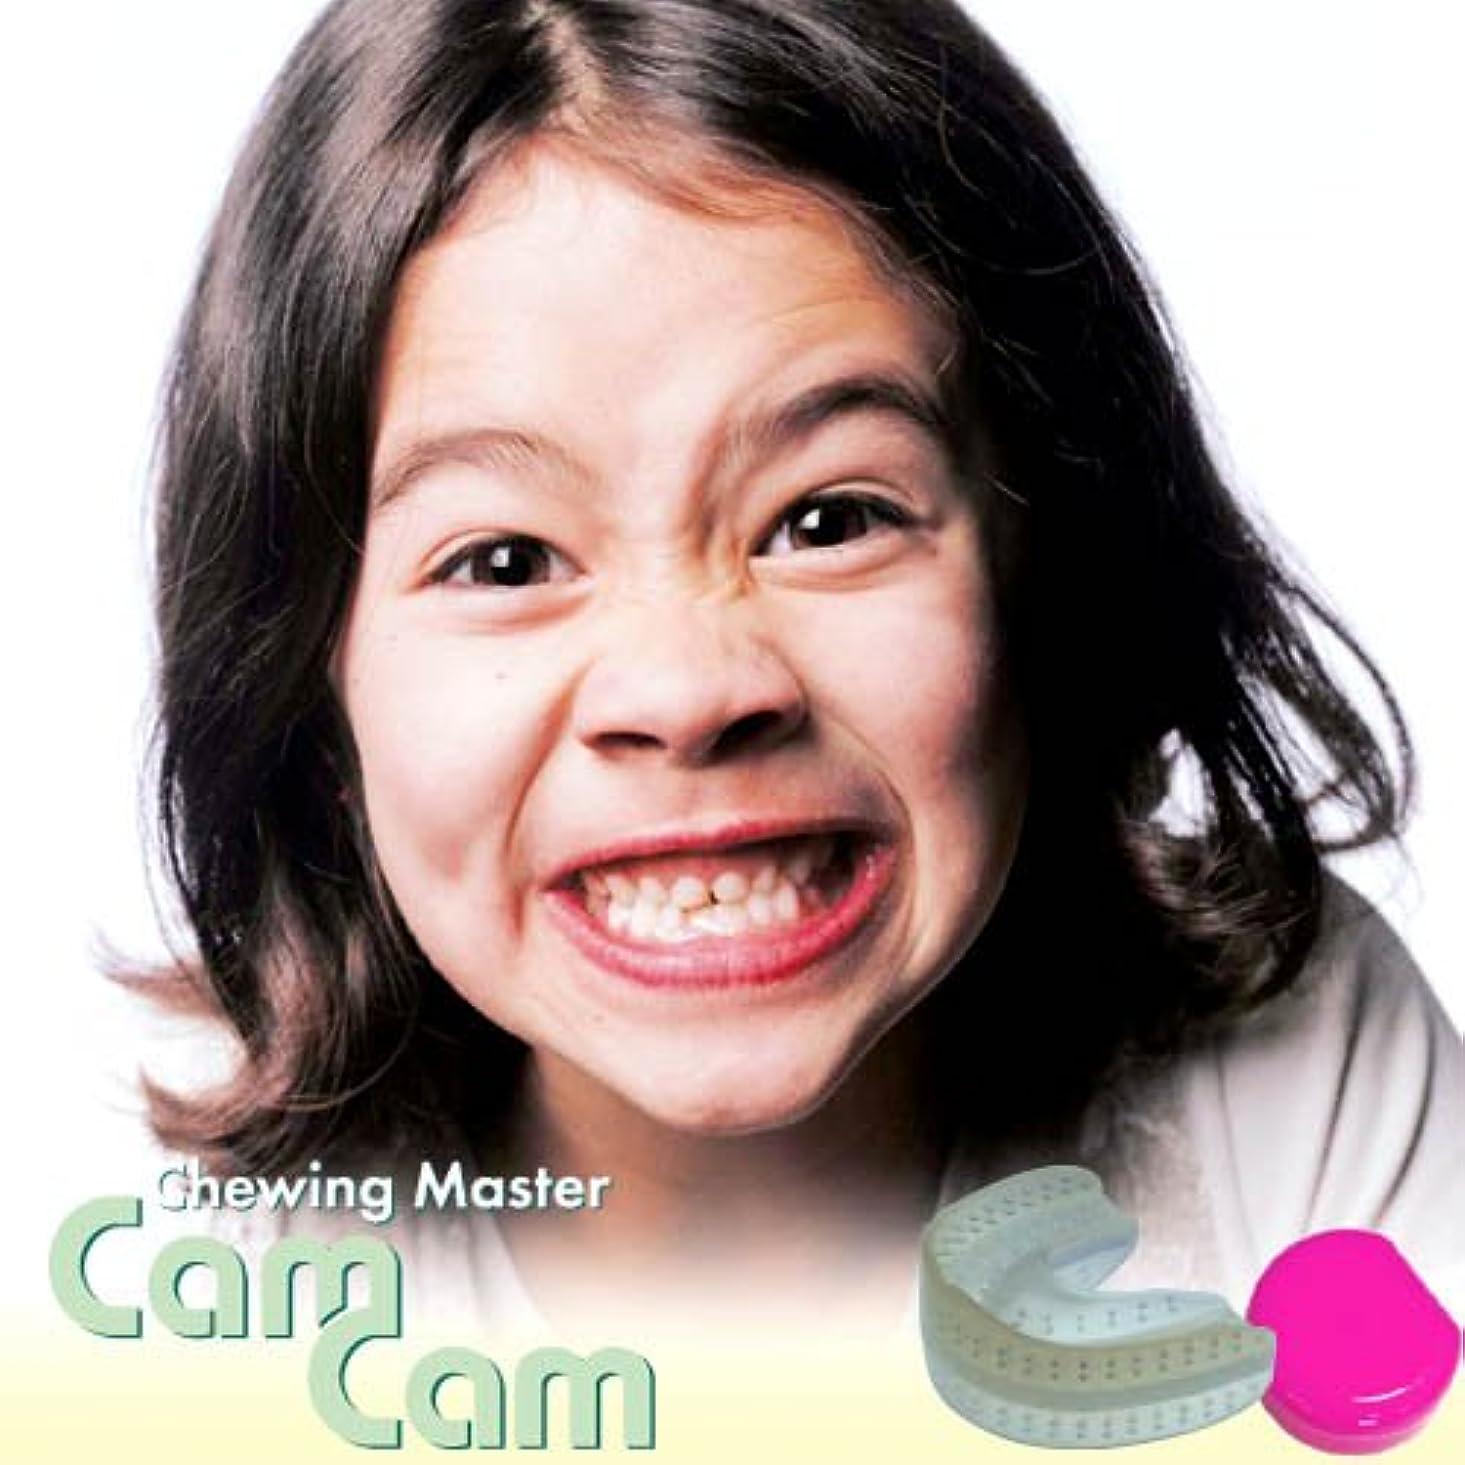 マージンうめきオアシス歯科医師開発 口腔筋機能トレーニング マウスピース 【CamCam MD (ピンク)】混合歯列期から永久歯列期用